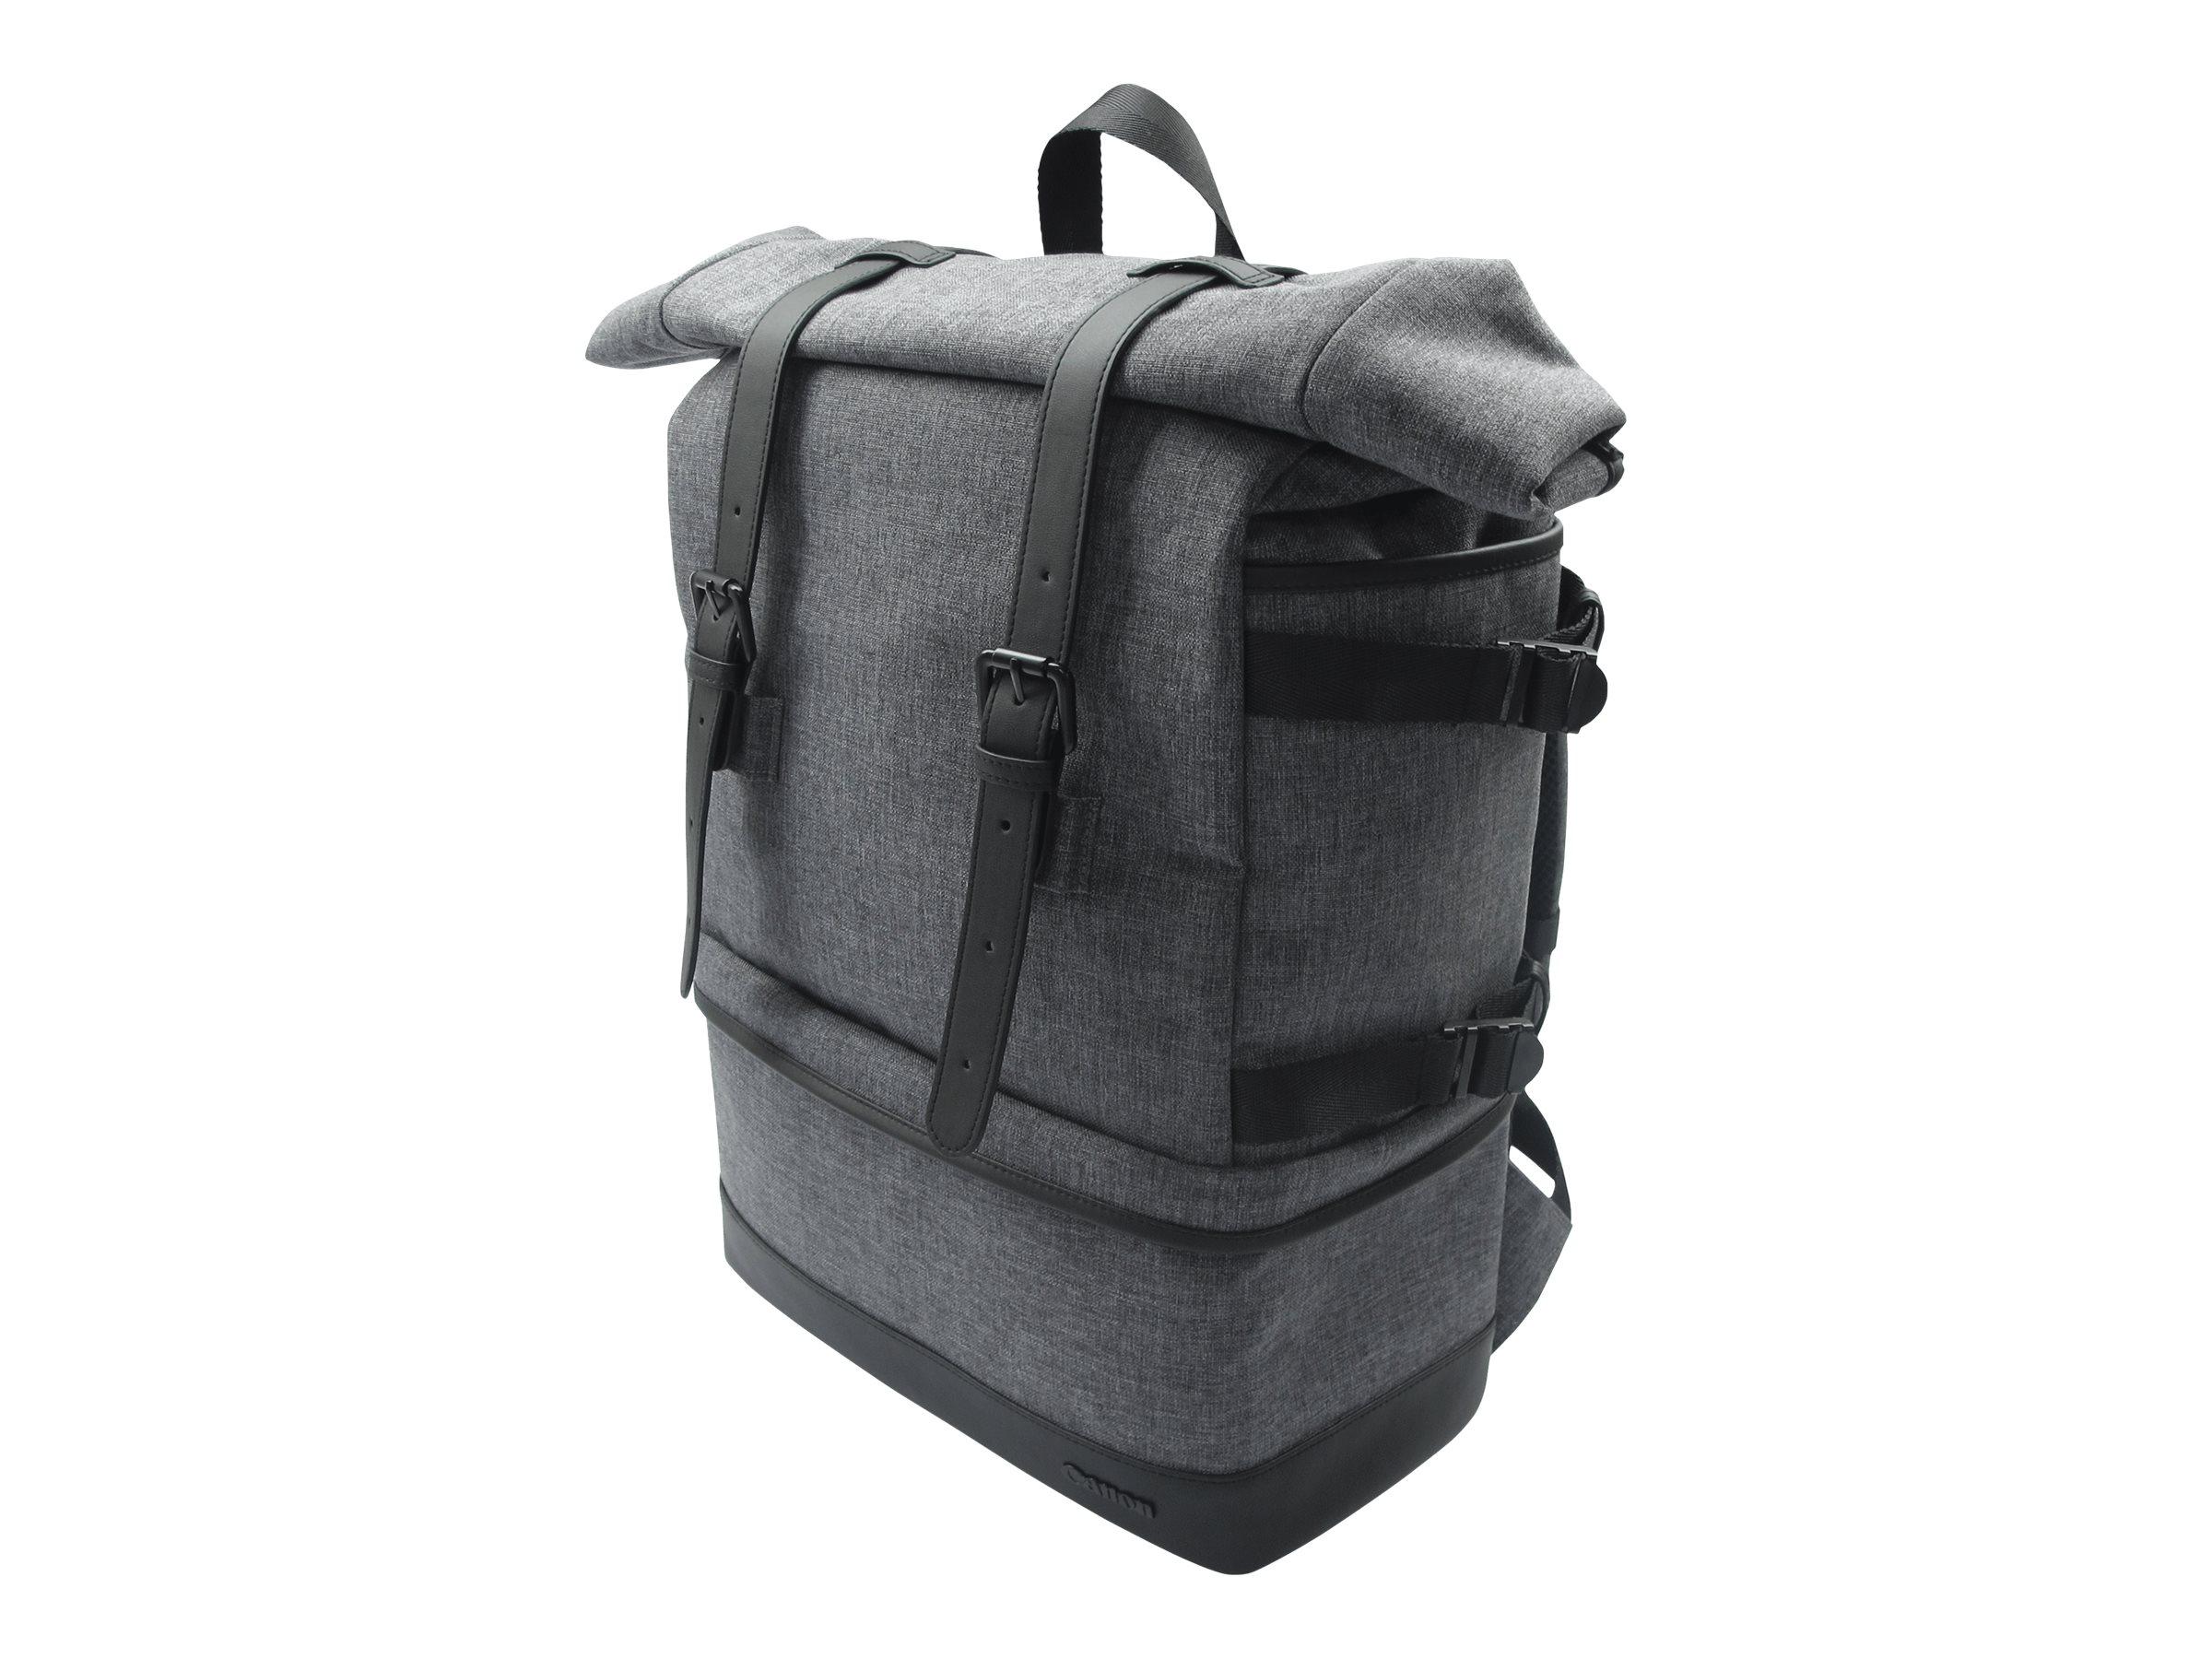 Canon BP10 - Rucksack für Kameraset und persönliche Gegenstände - Polyester, Polyurethan - Grau - für EOS 2000D, 4000D, Kiss X90